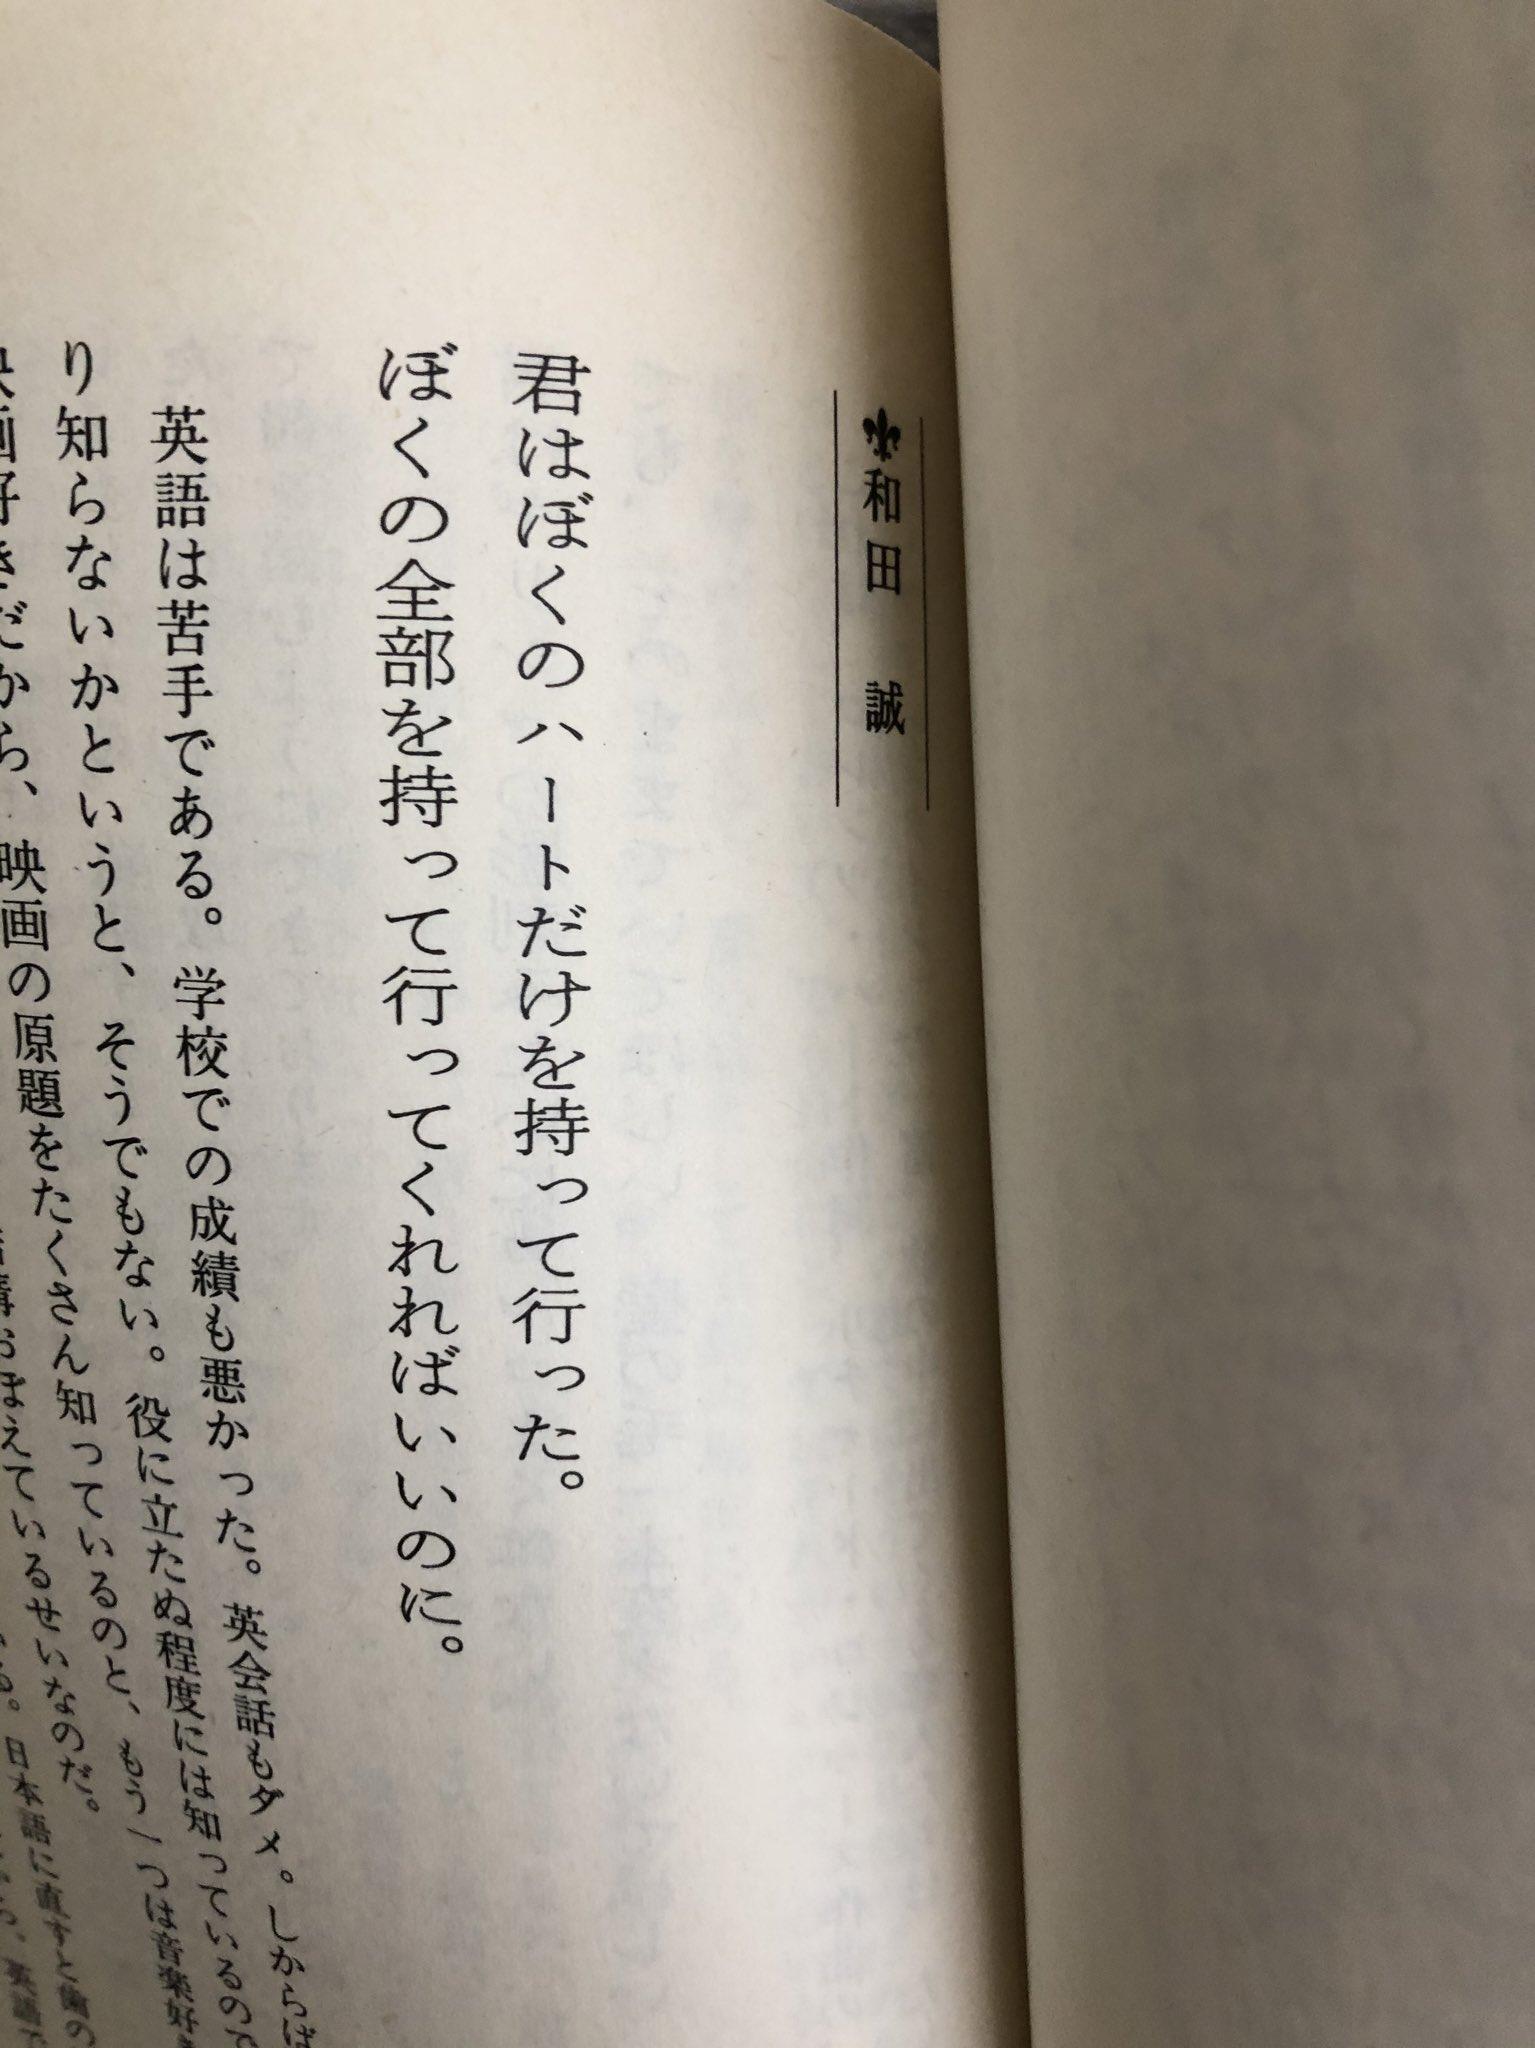 タブー 恋愛 の 転移 精神 性 科 医